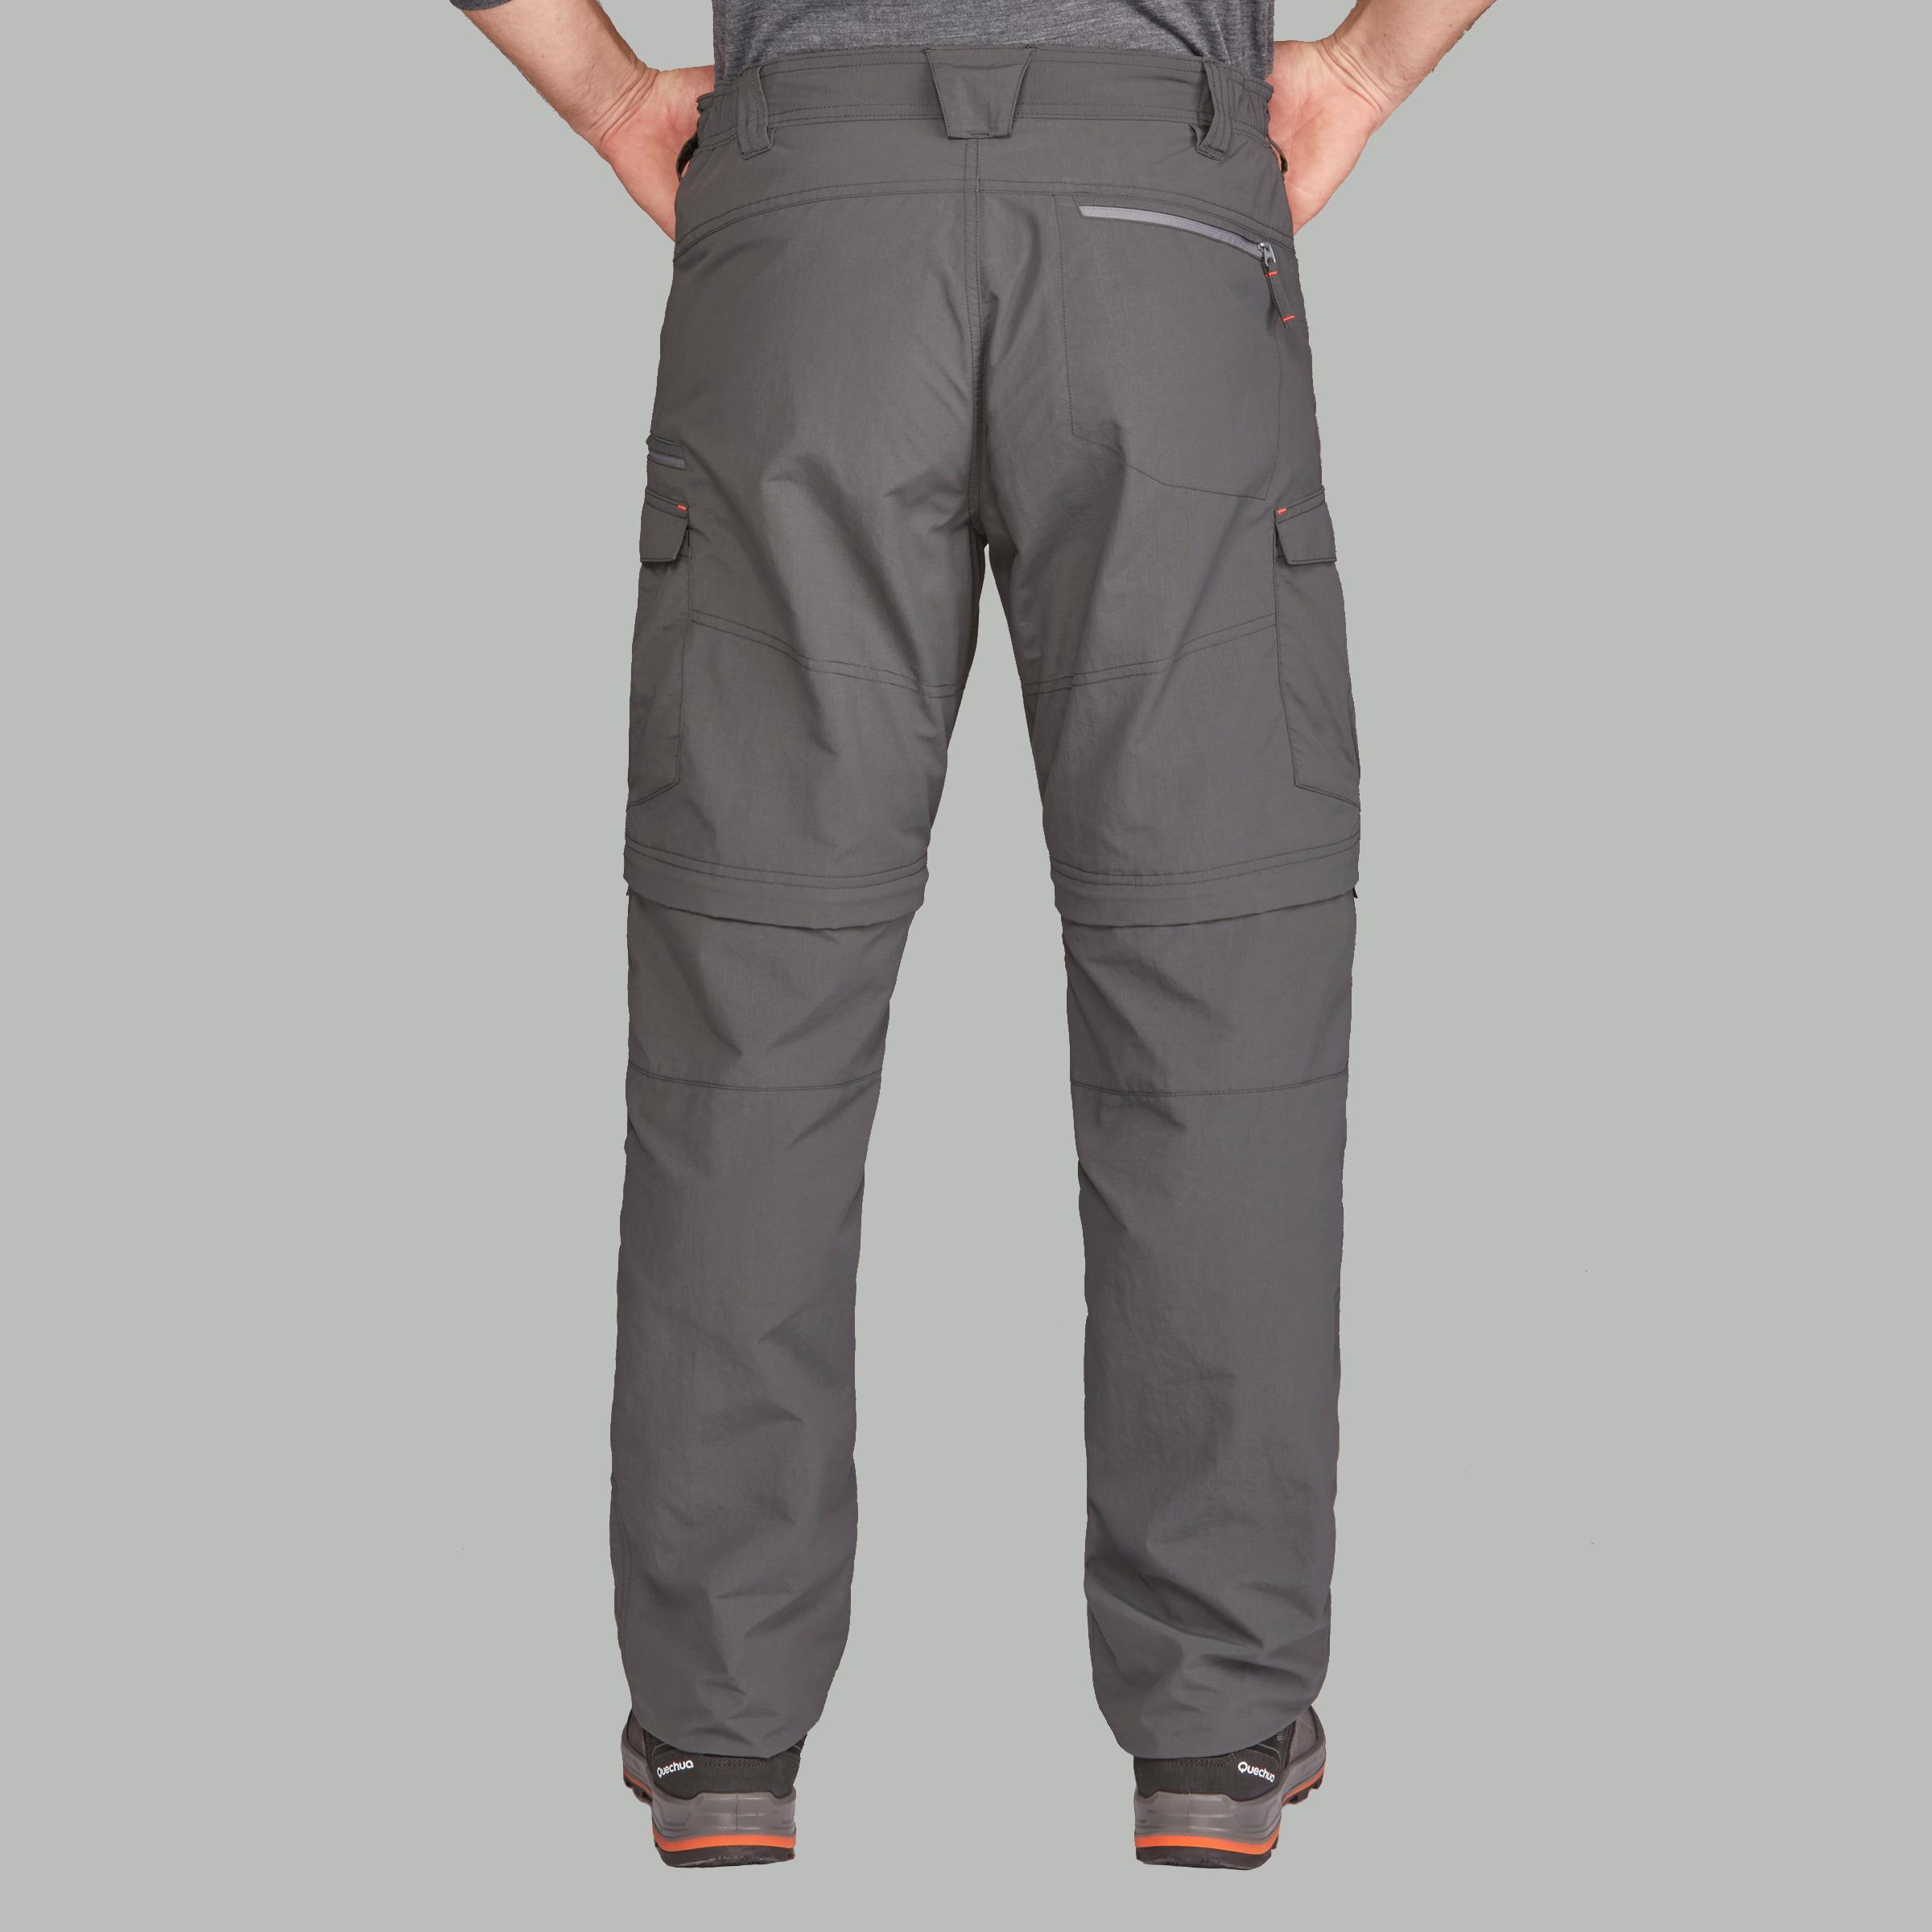 Pantalon modulable randonnée d'aventure montagne TREK 500 homme gris foncé